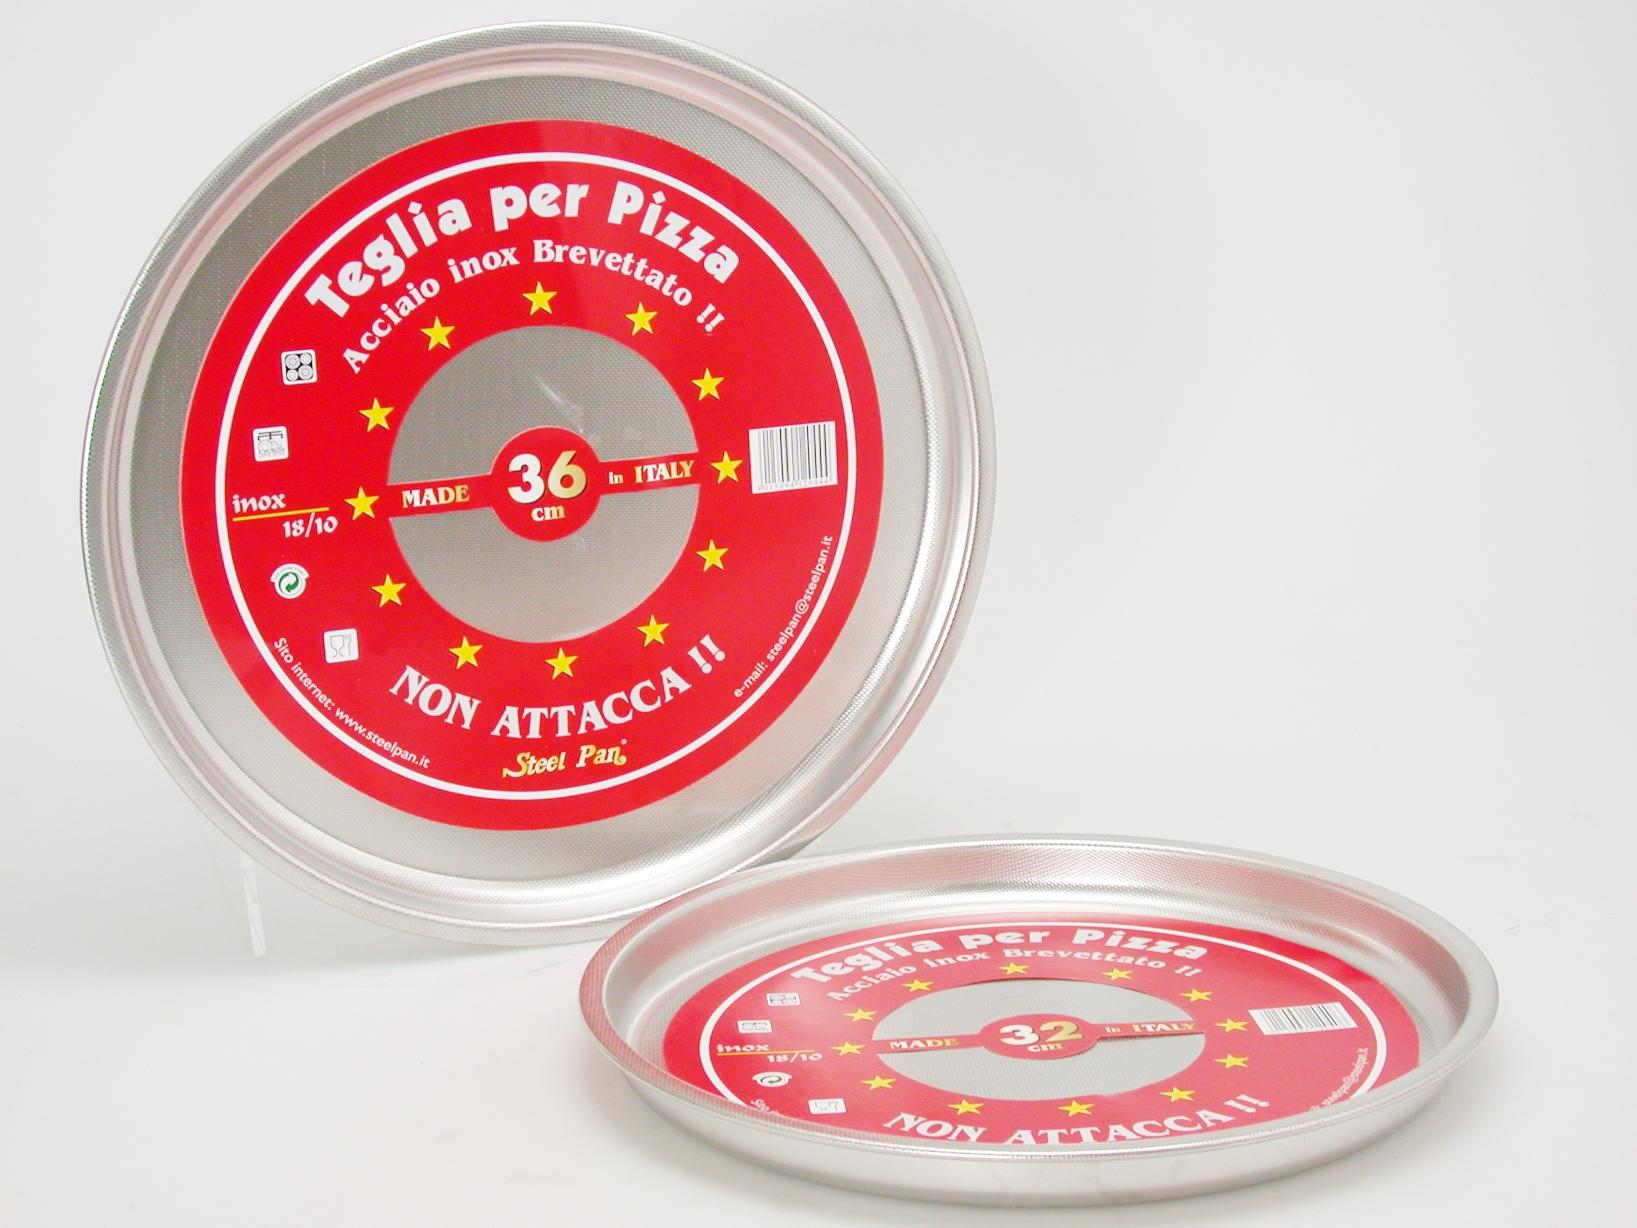 Acquista Teglia Pizza Tondo Nonstick 32 17514022 | Glooke.com